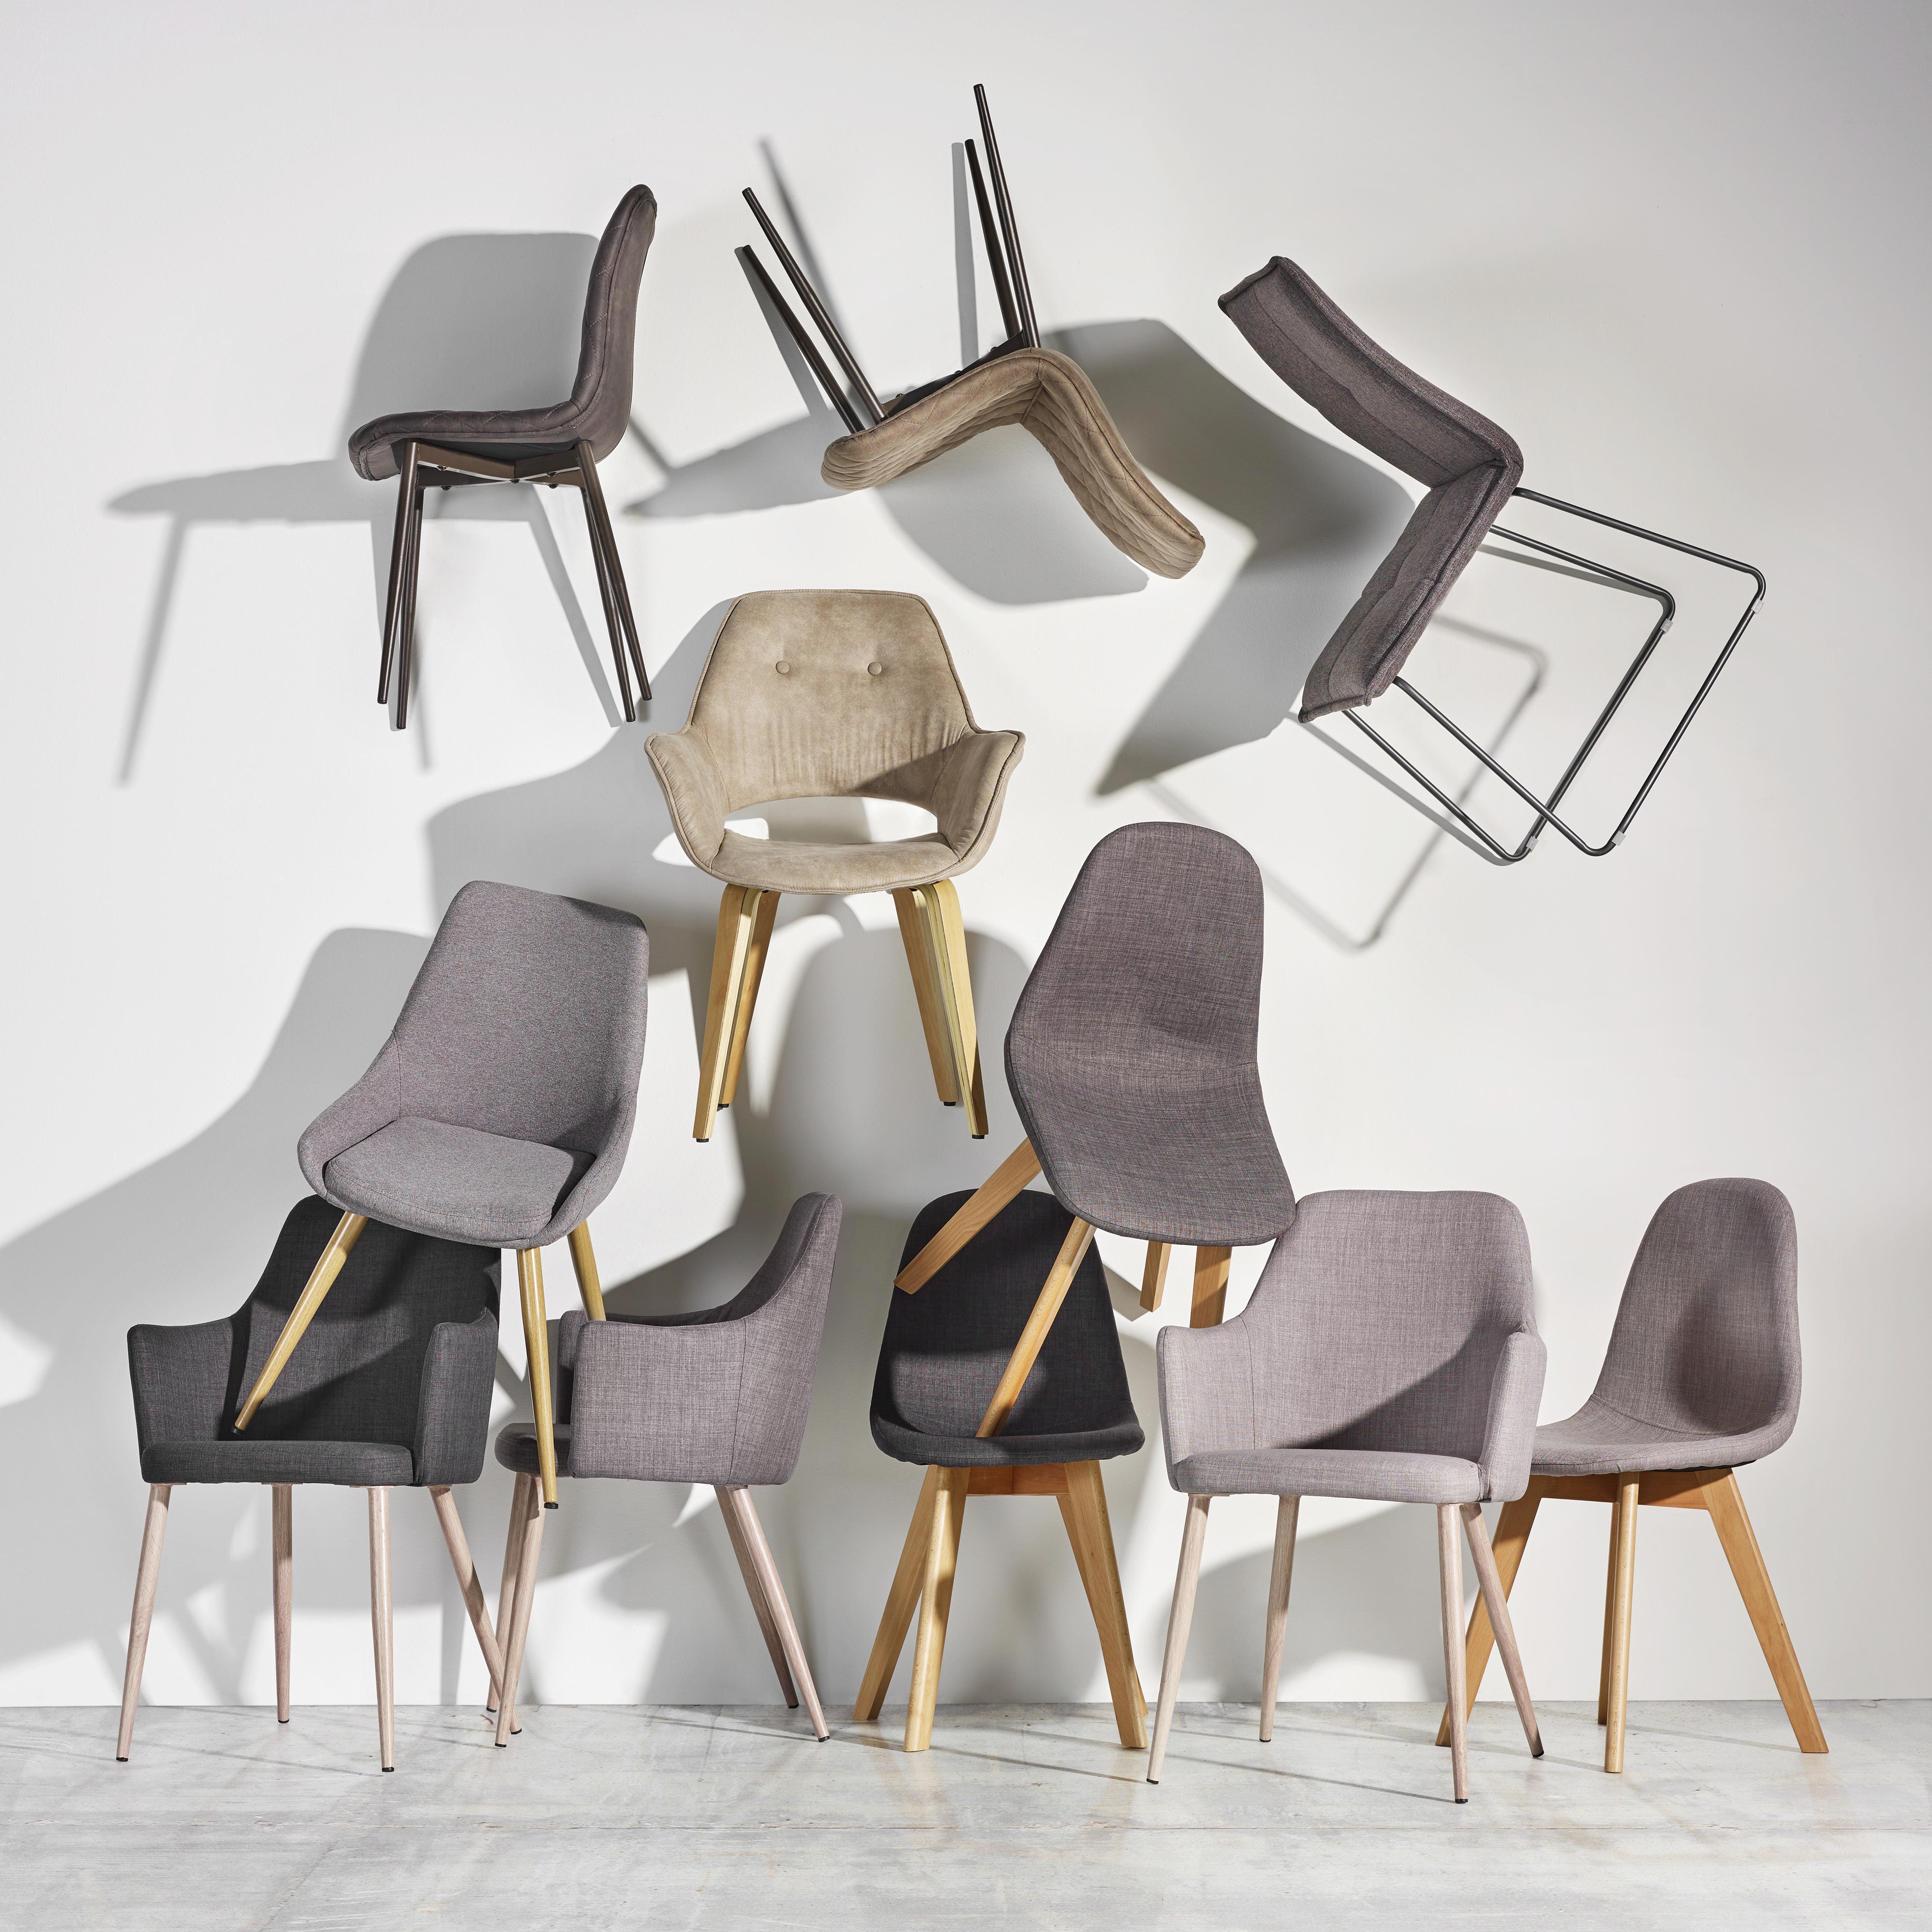 Armlehnstuhl Milenka - Hellgrau, MODERN, Textil/Metall (58/86/60cm) - MODERN LIVING